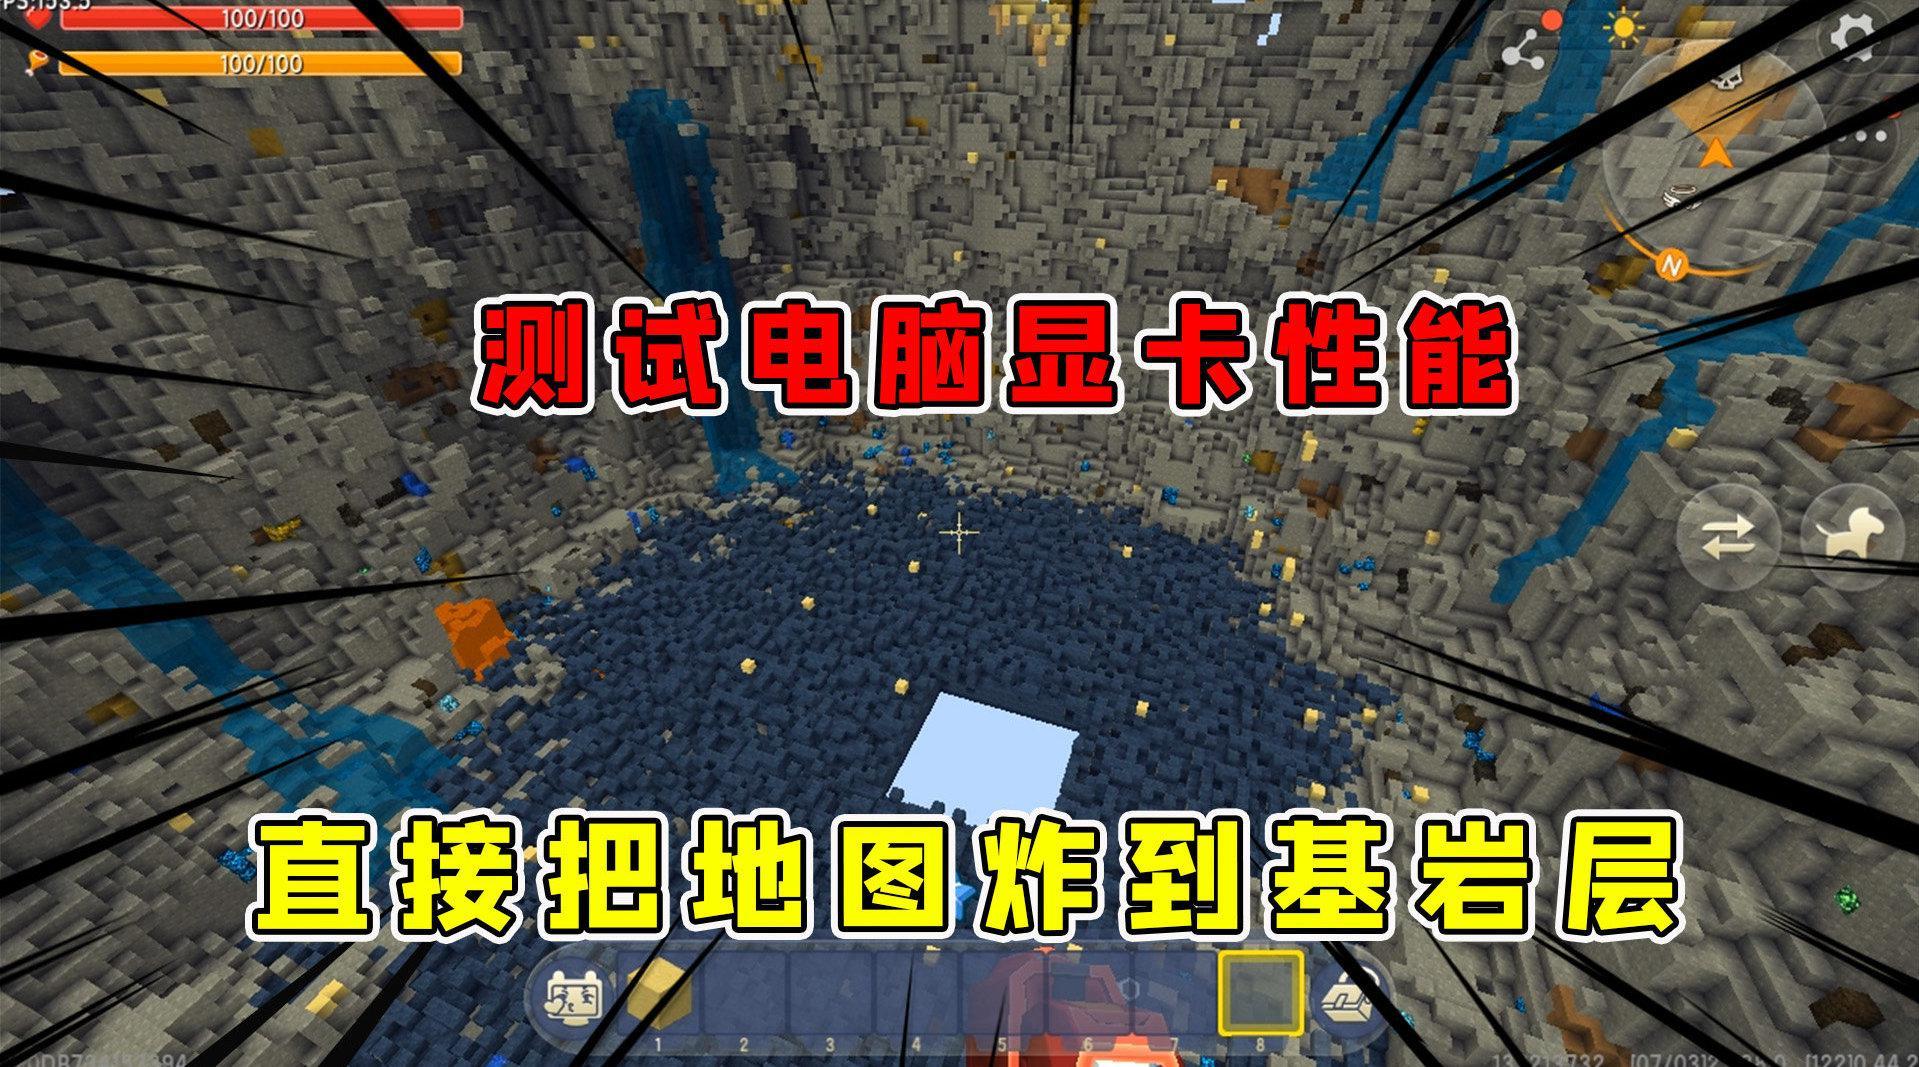 迷你世界:测试显卡性能地图,直接炸到基岩层,还好半仙电脑过关